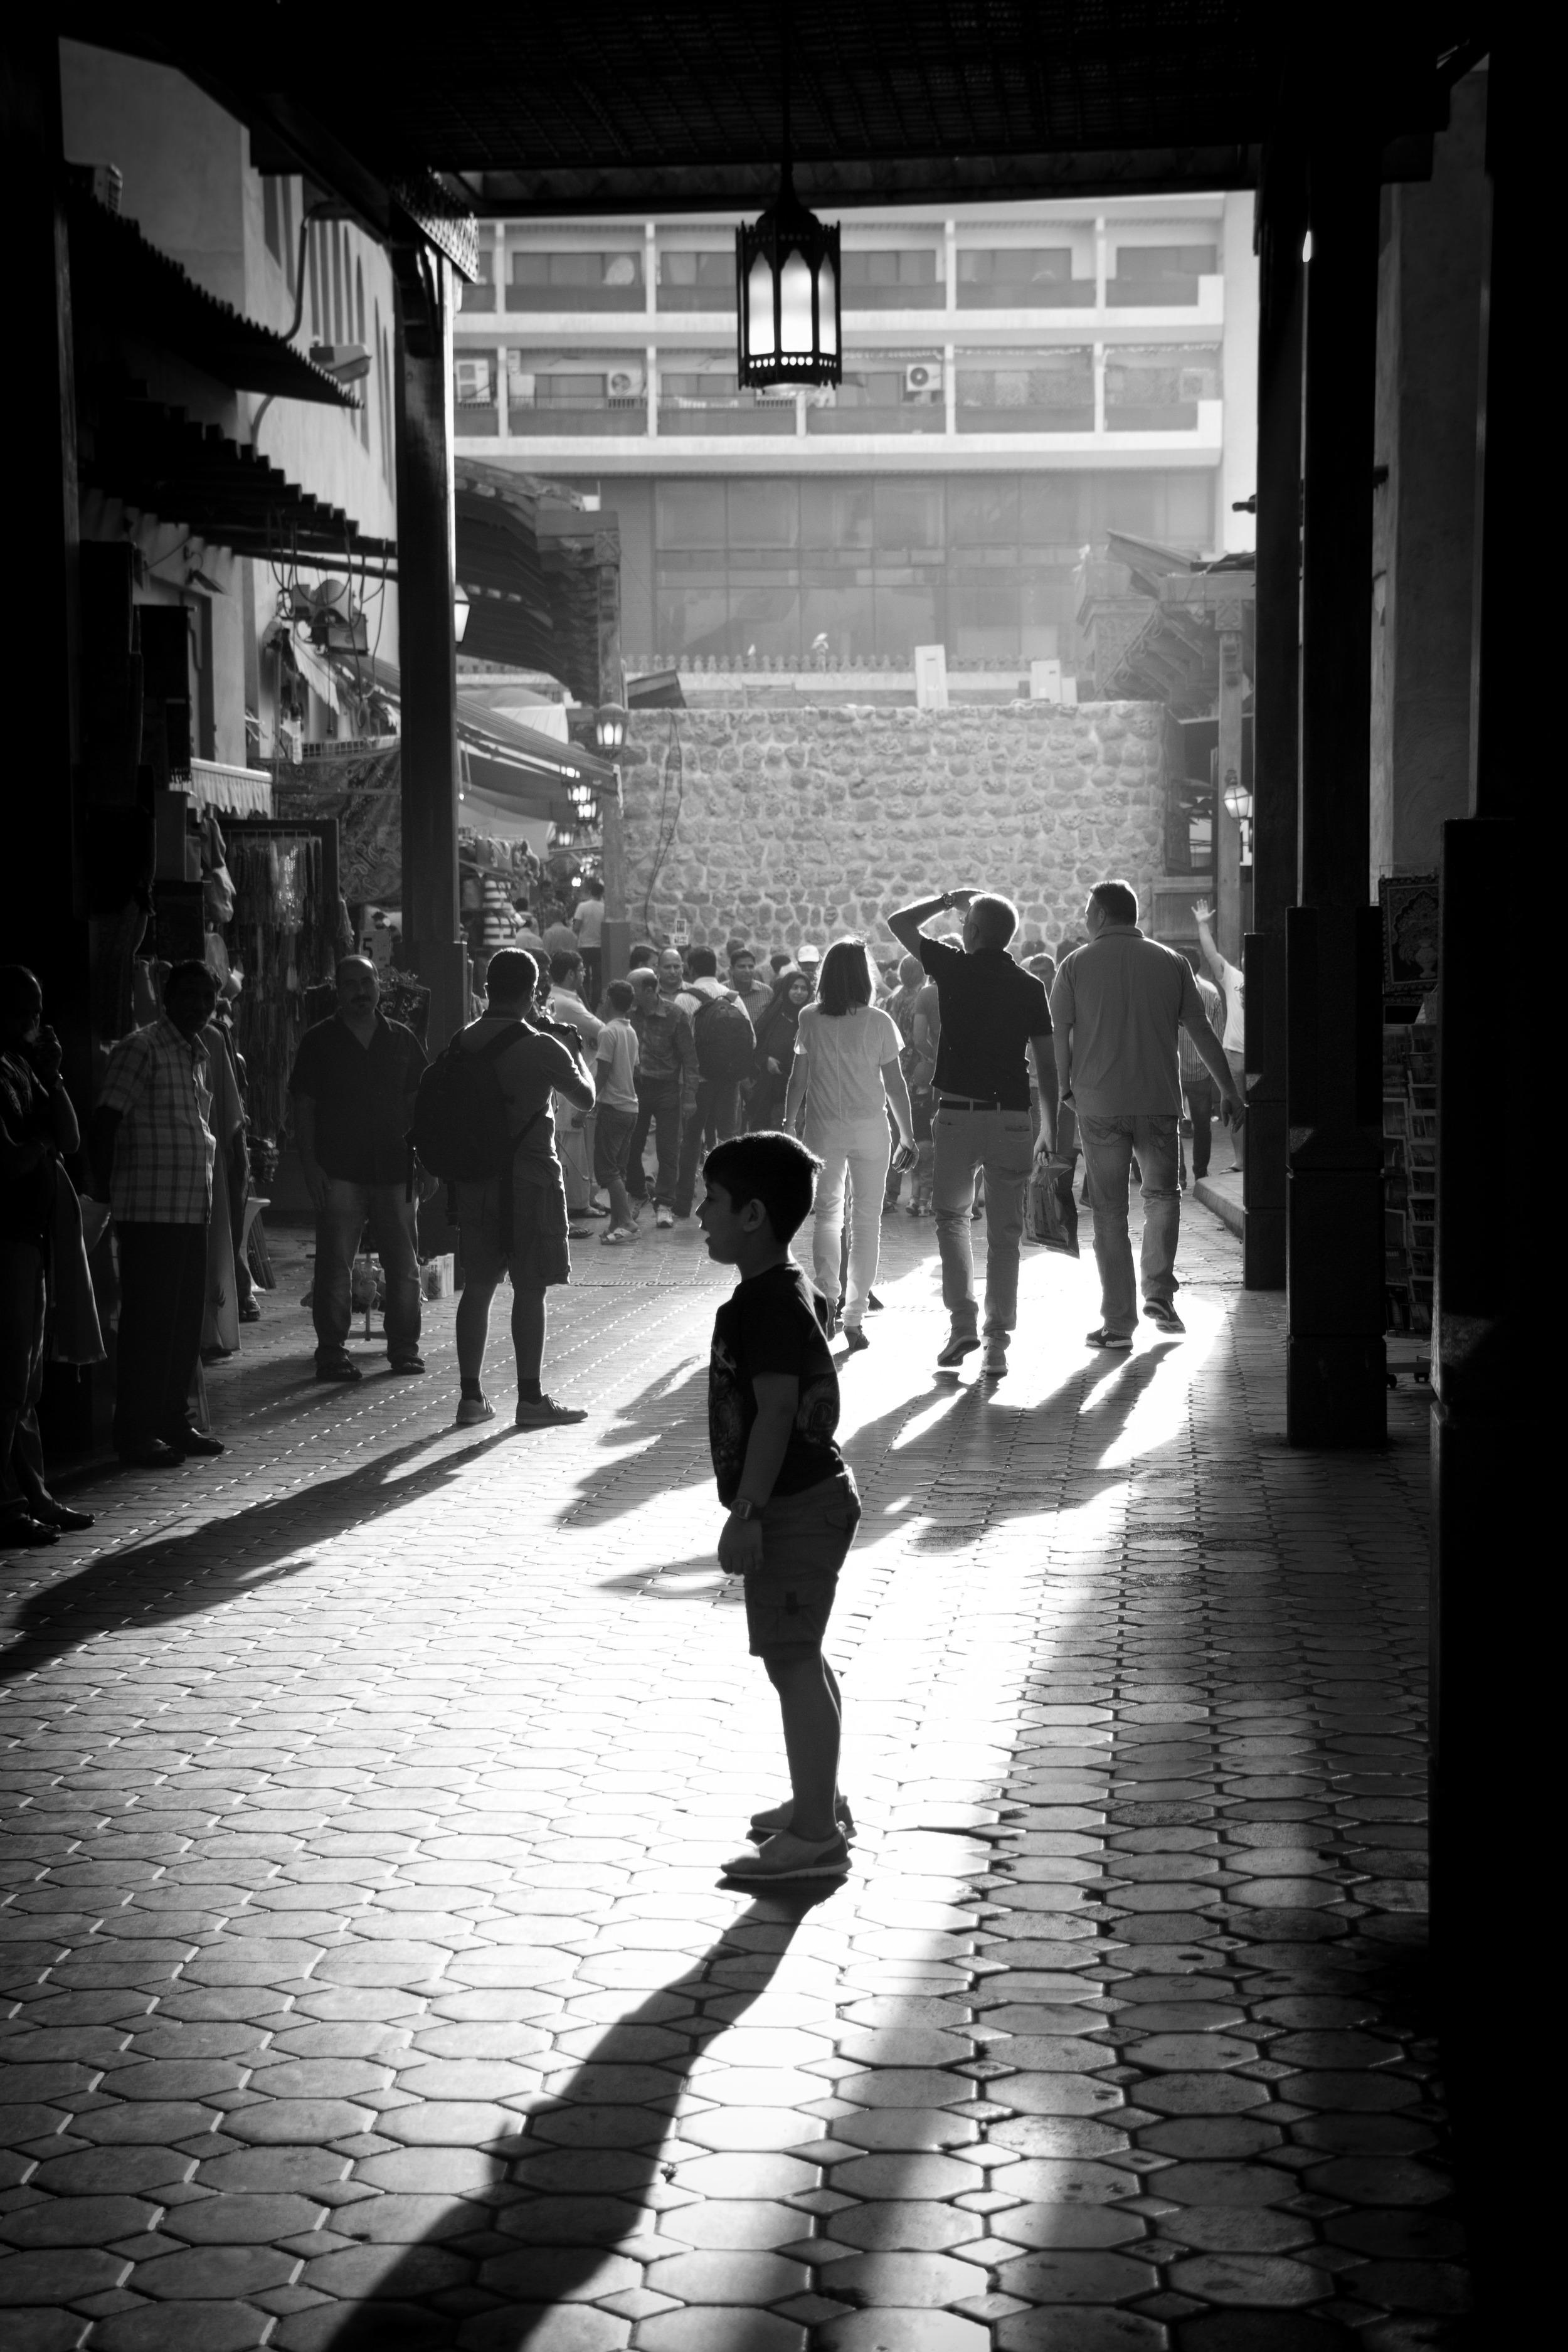 Istockalypse - Photowalk